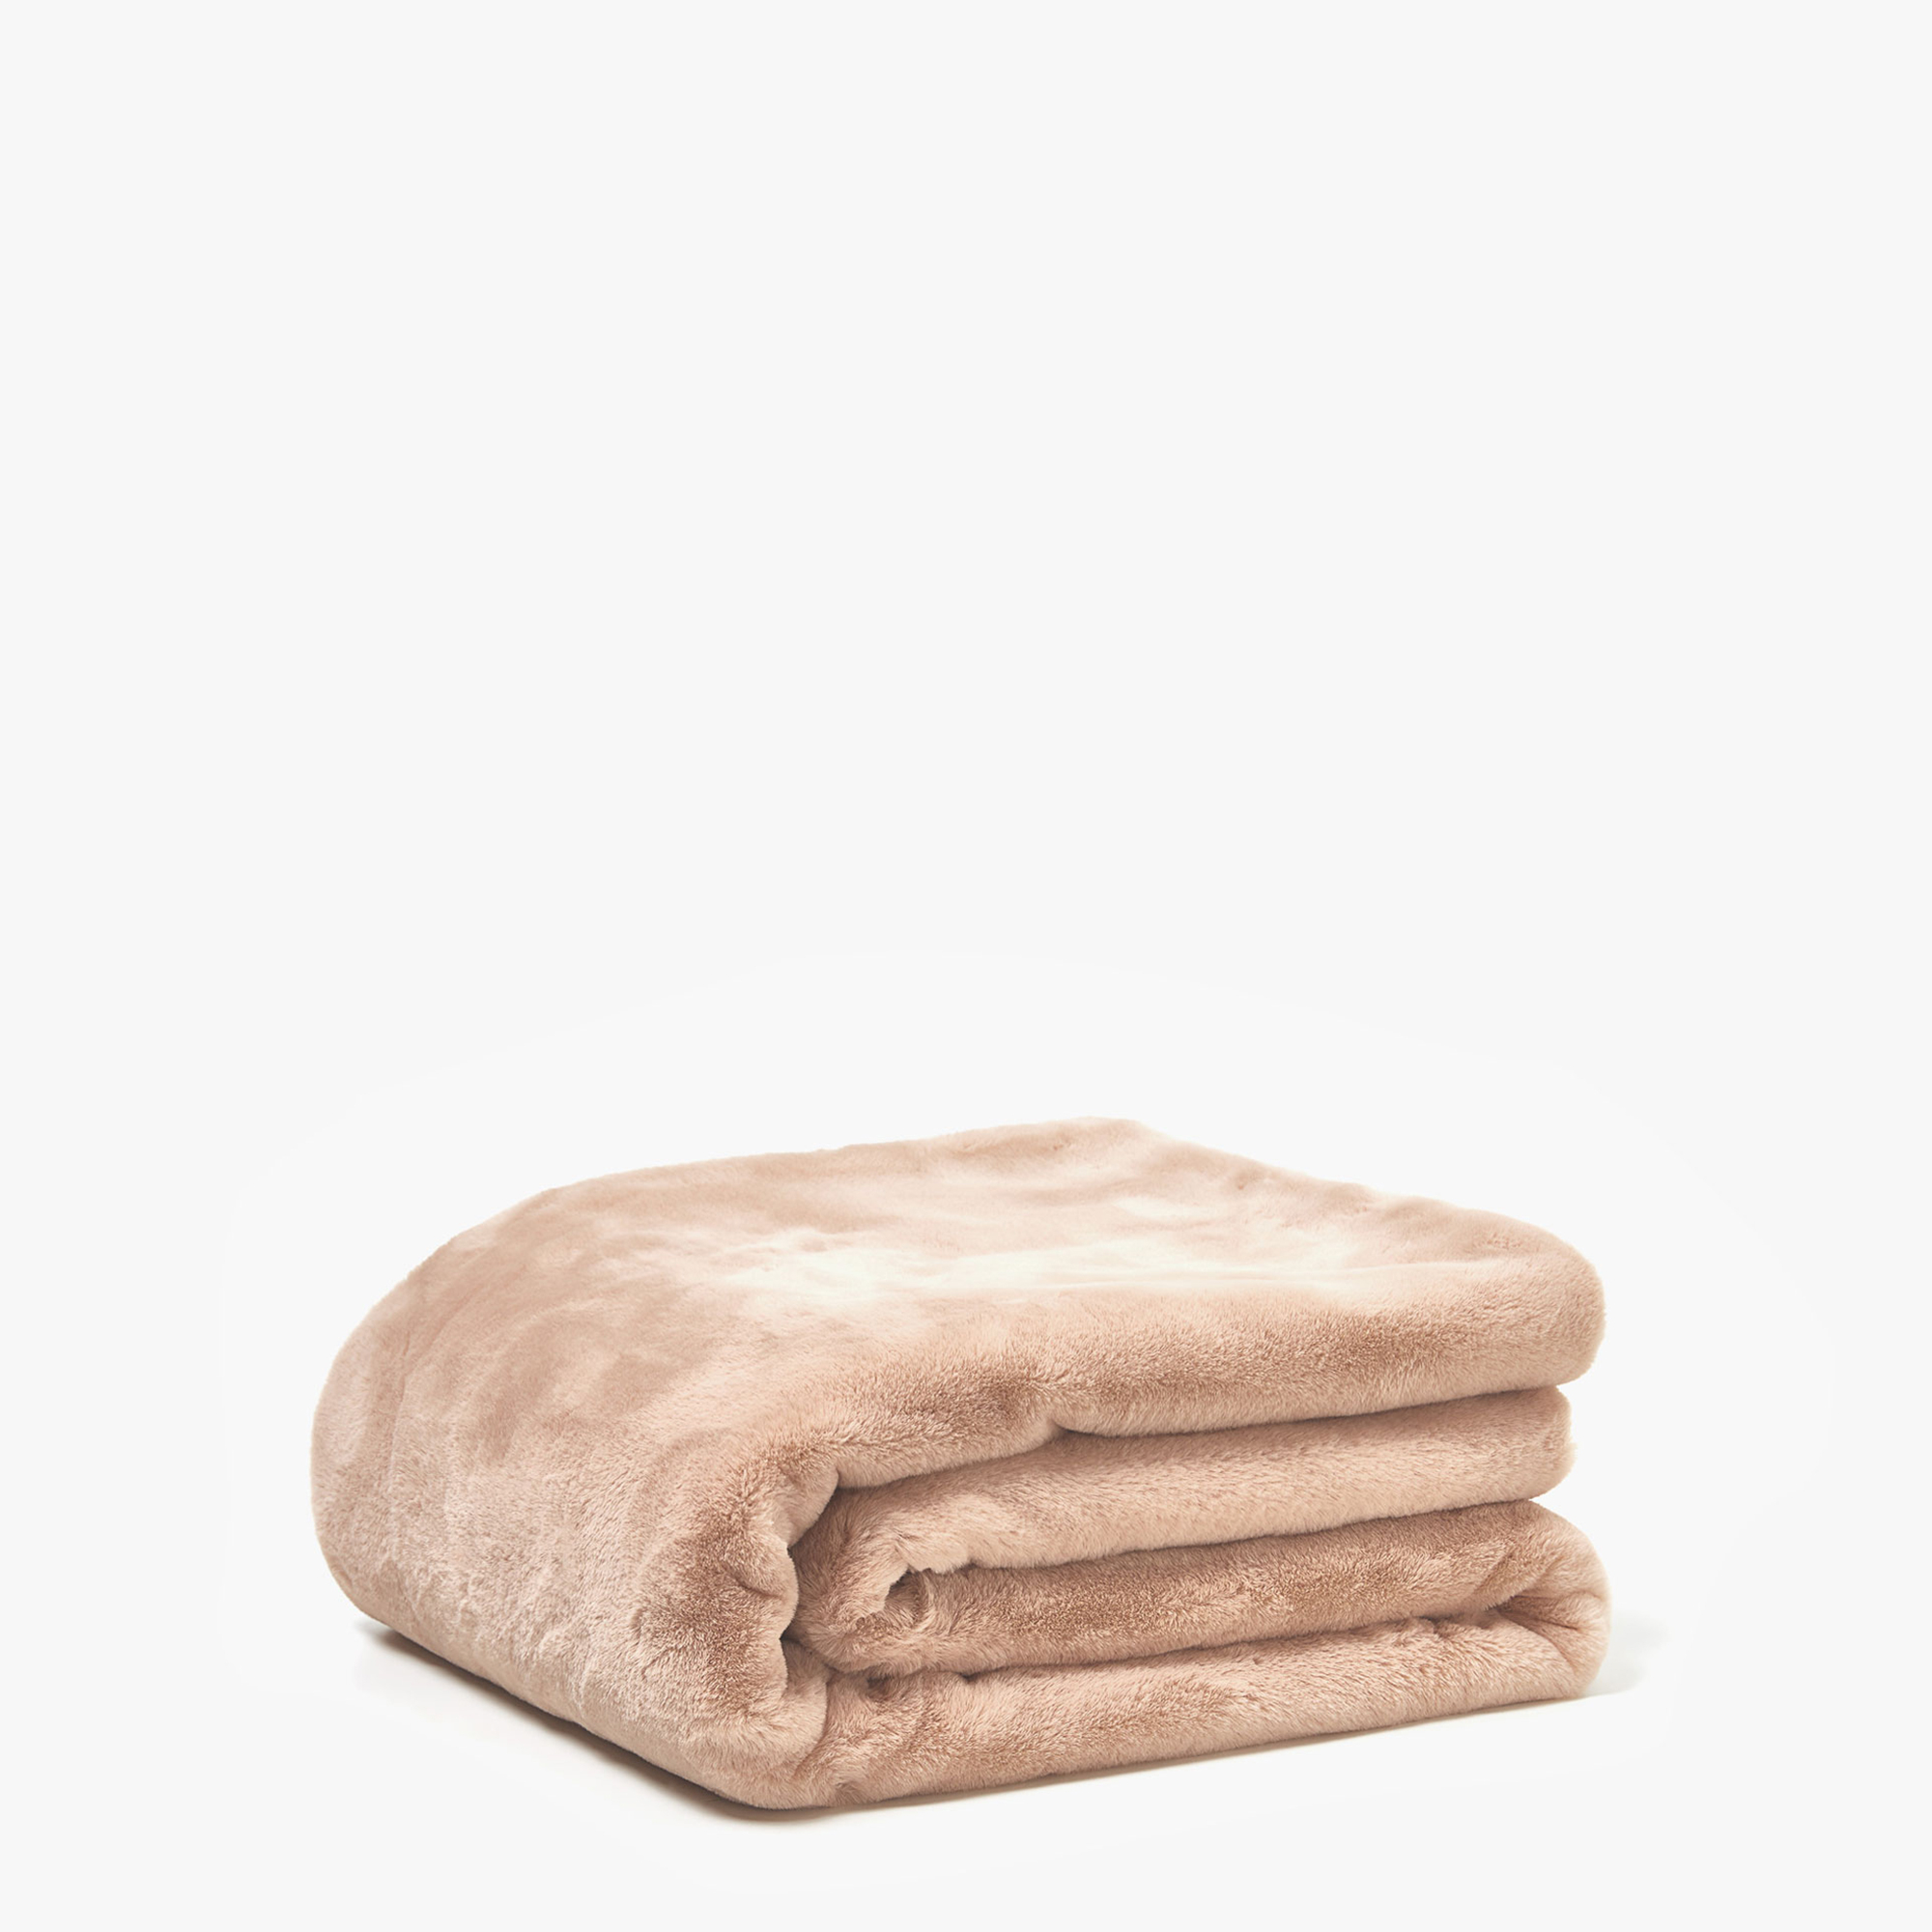 Mantas De sofa Zara Home T8dj Mantas Cà Mo Elegirla Y Mà S De 10 Diseà Os Para Inspirarte